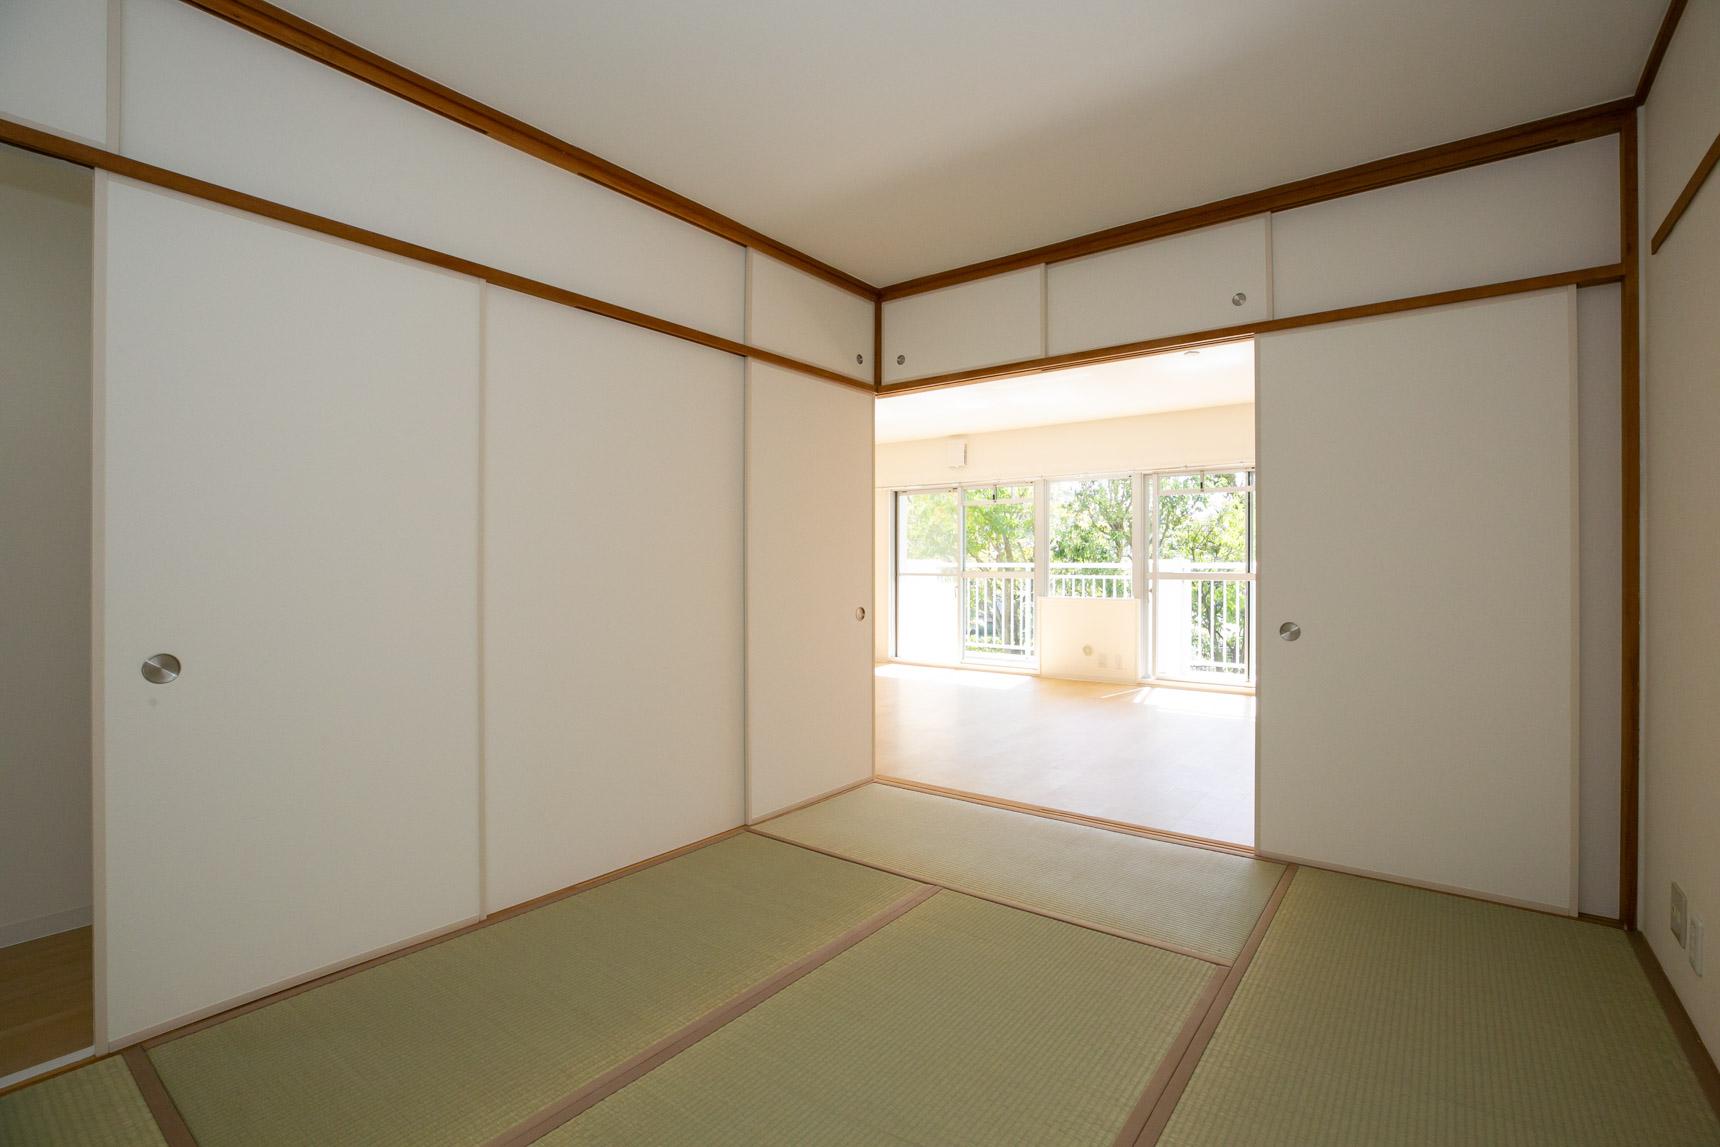 奥にある和室は、こんな風に間仕切りをあけて使うのもアリです。冬はコタツを置いてみんなで囲みたいなぁ。